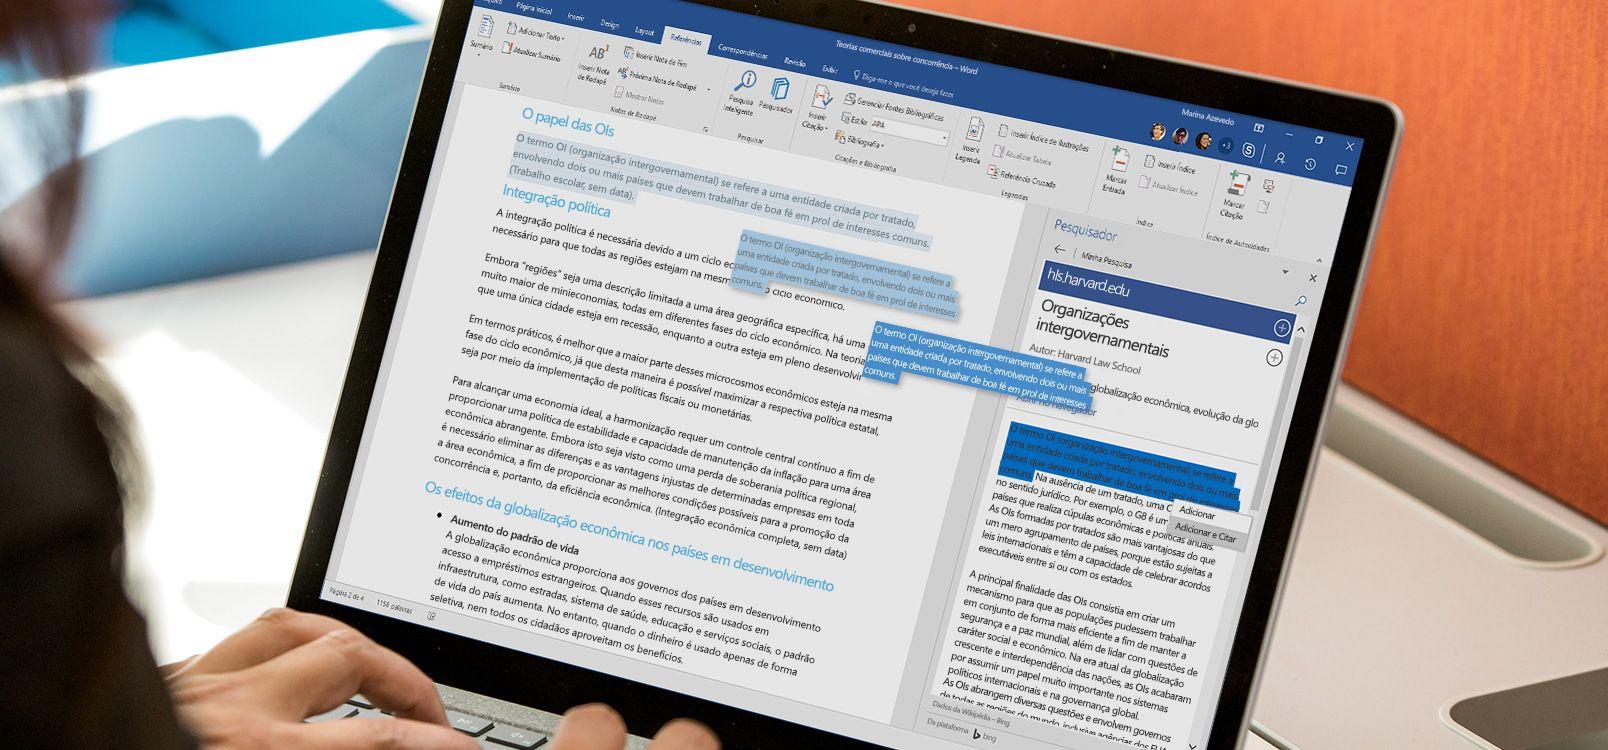 Tela de um laptop mostrando um documento do Word usando o recurso Pesquisador